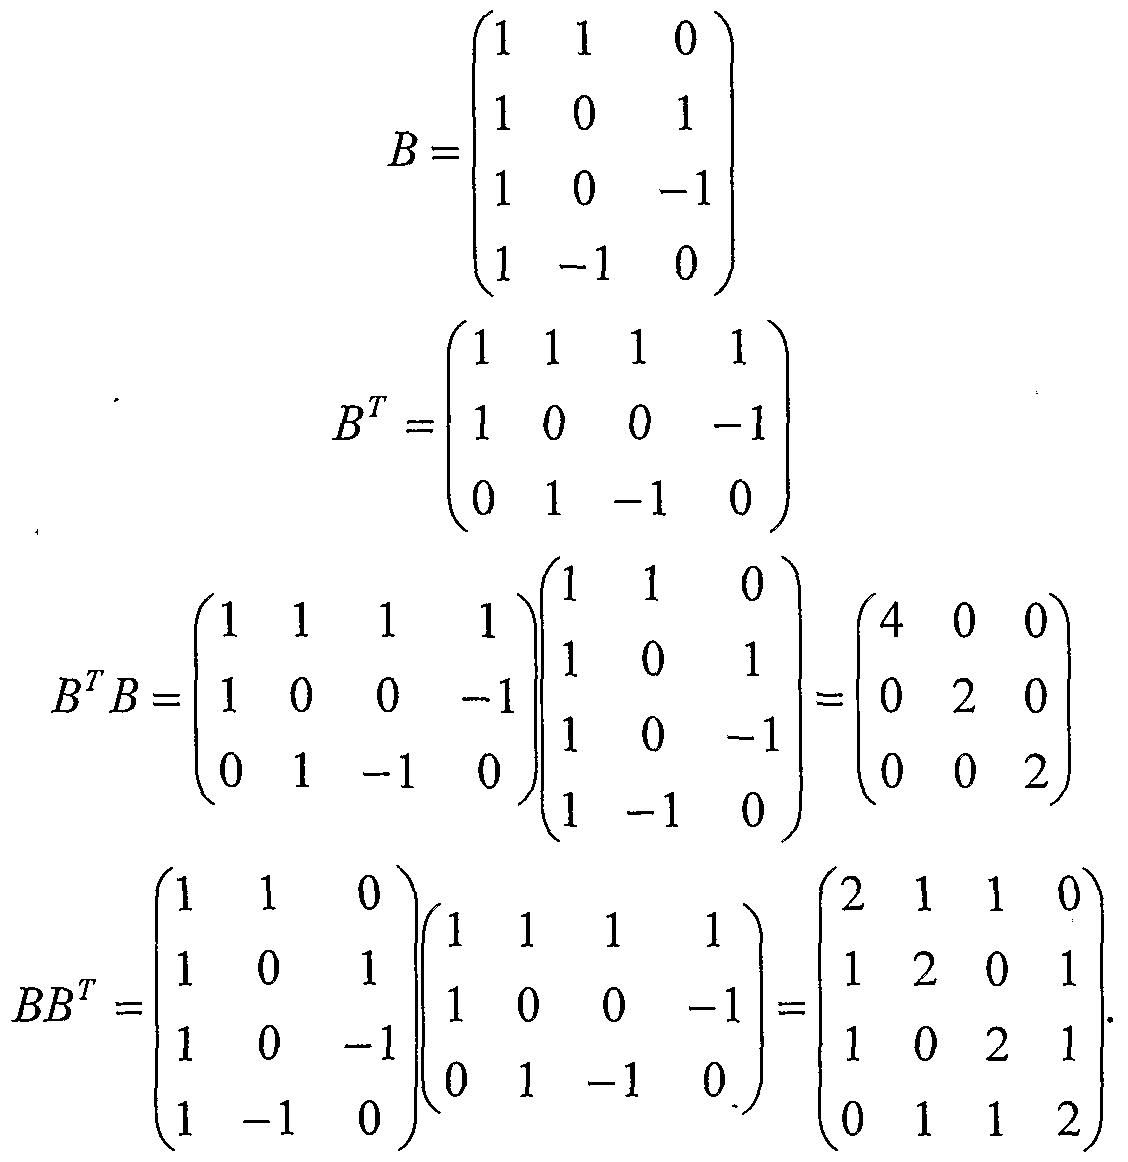 3x3 Eigenvector